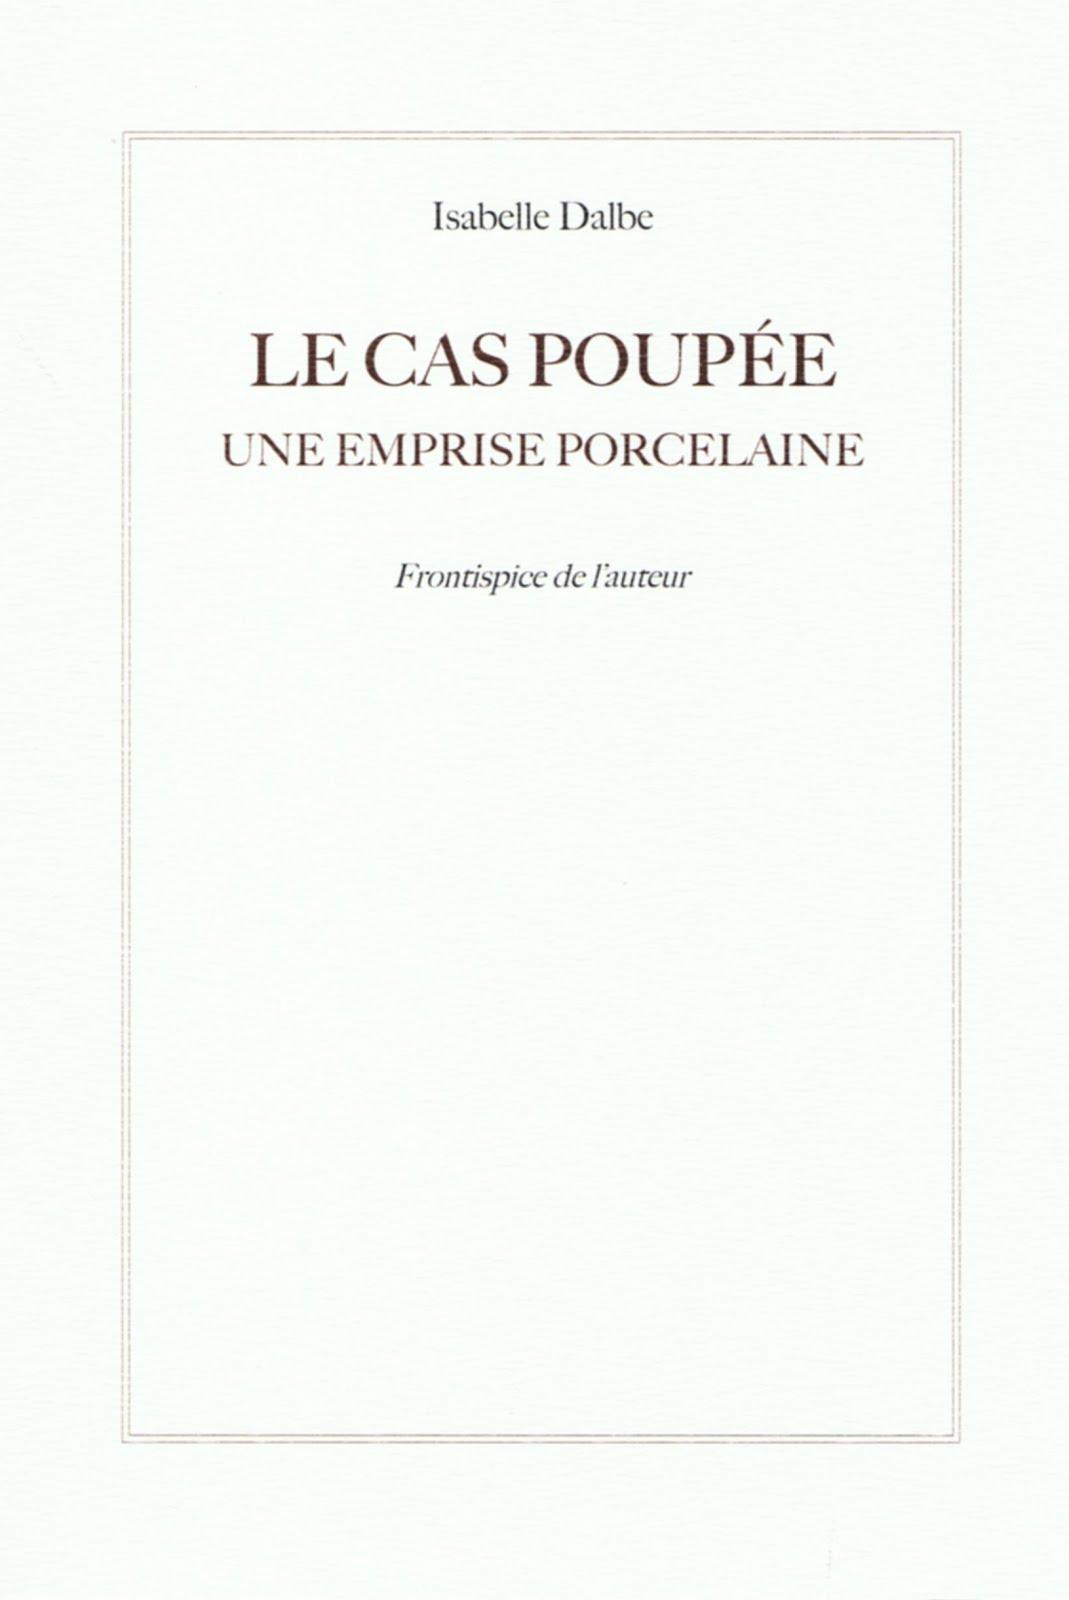 Isabelle DALBE, « LE CAS POUPÉE, UNE EMPRISE PORCELAINE », avec un Frontispice de l'auteur